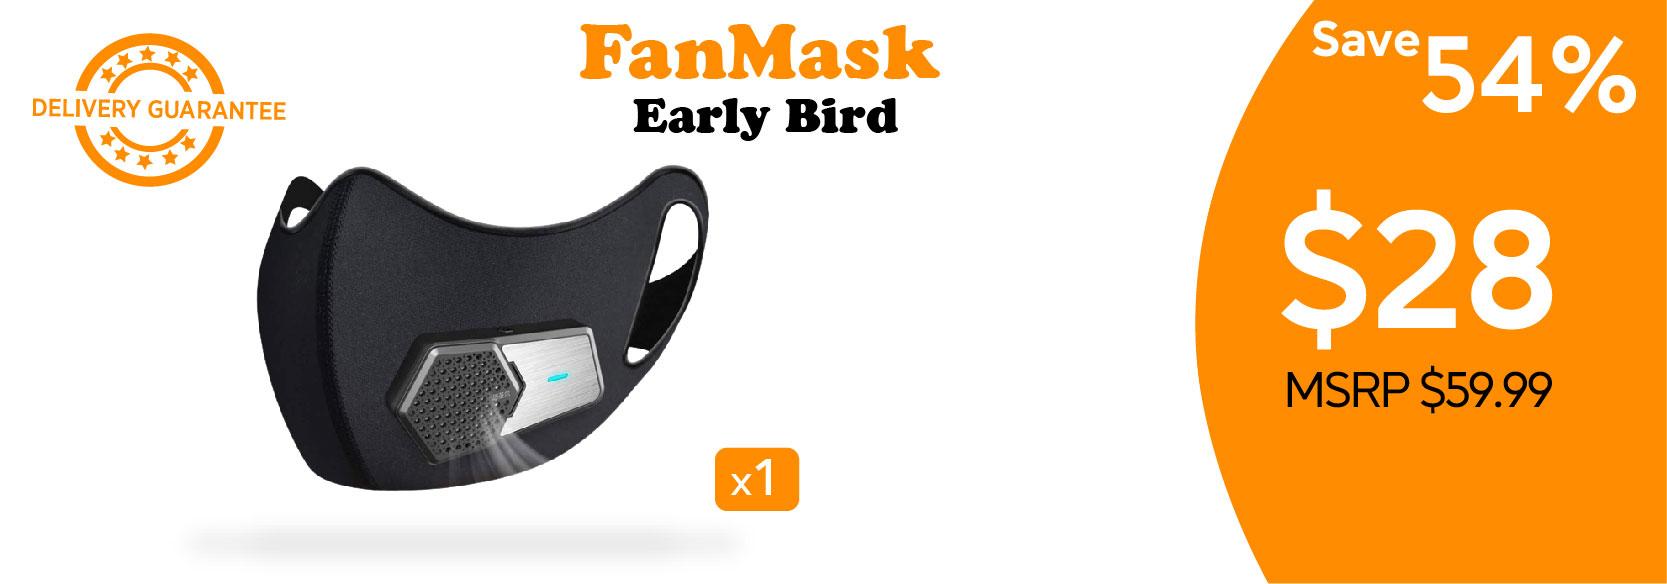 perk posters_Fan Mask Early Bird